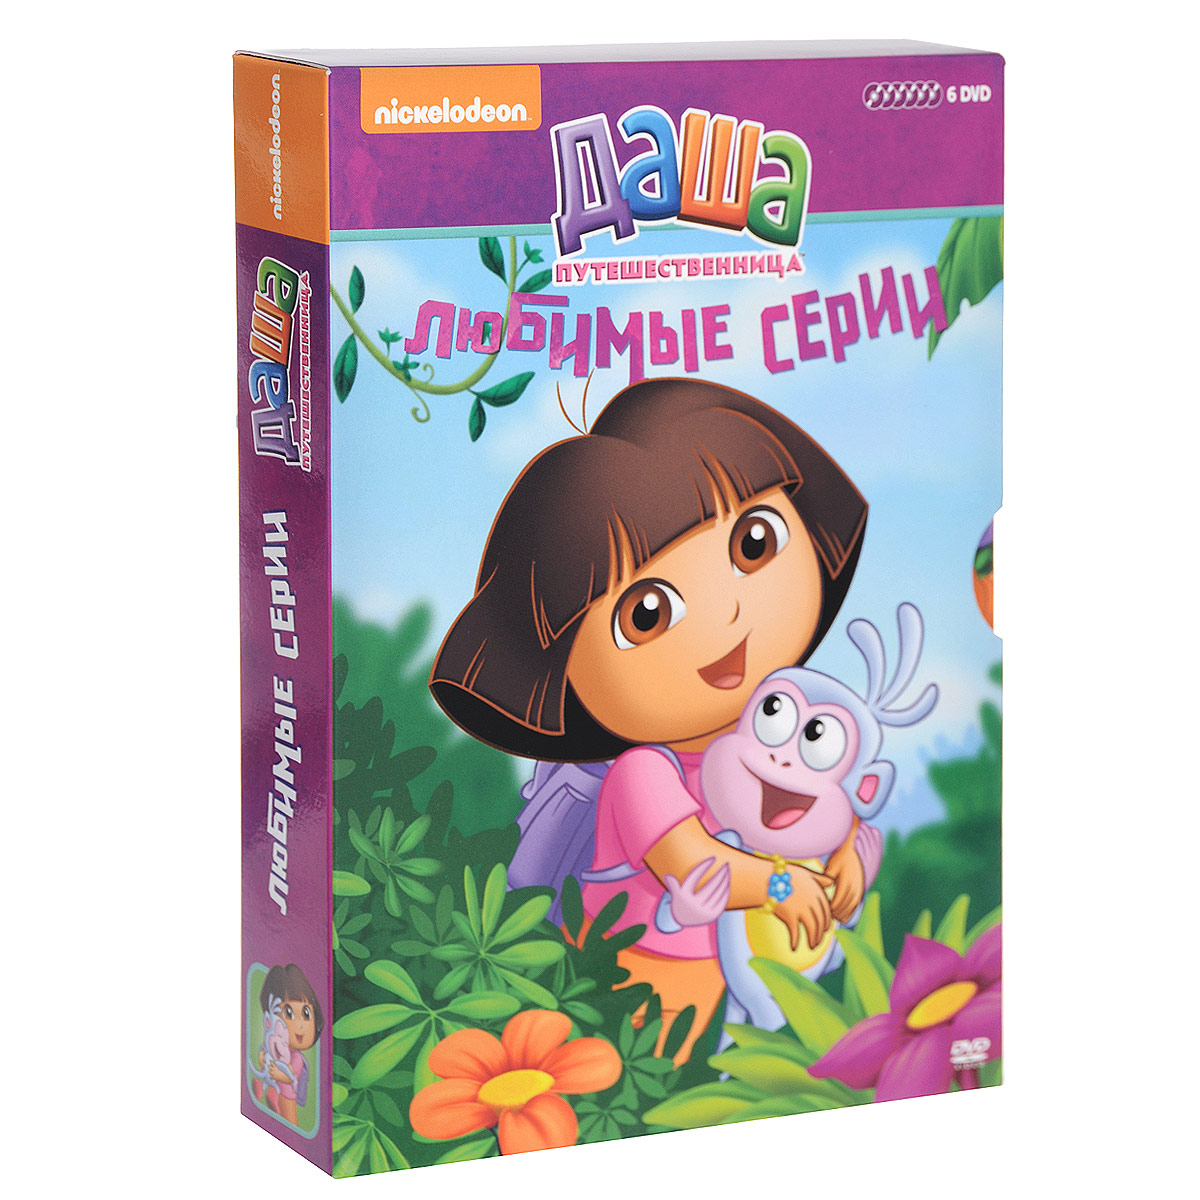 Даша-путешественница. Любимые серии (6 DVD) видеодиски нд плэй 28 панфиловцев dvd video dvd box